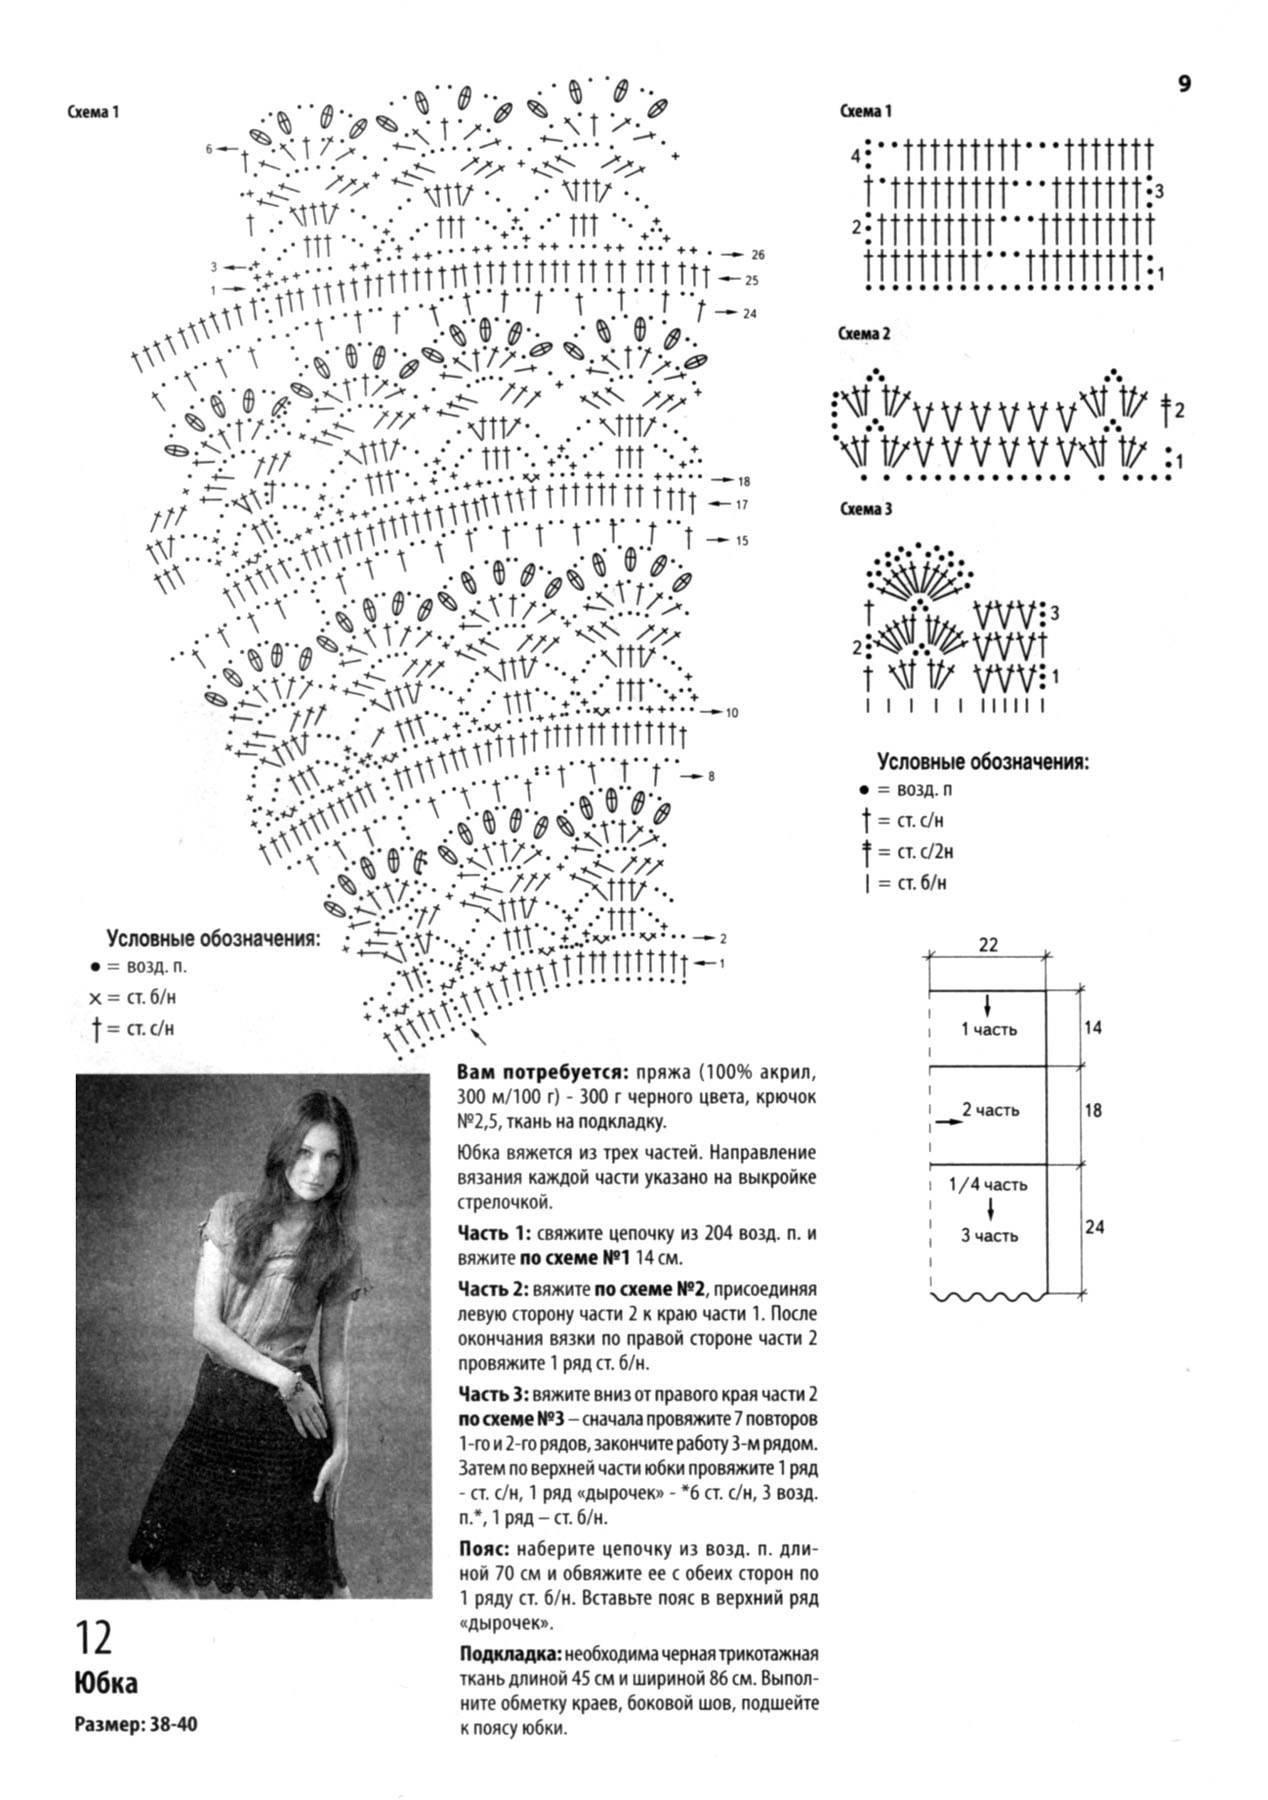 金葱衣连衣裙图解2.jpg